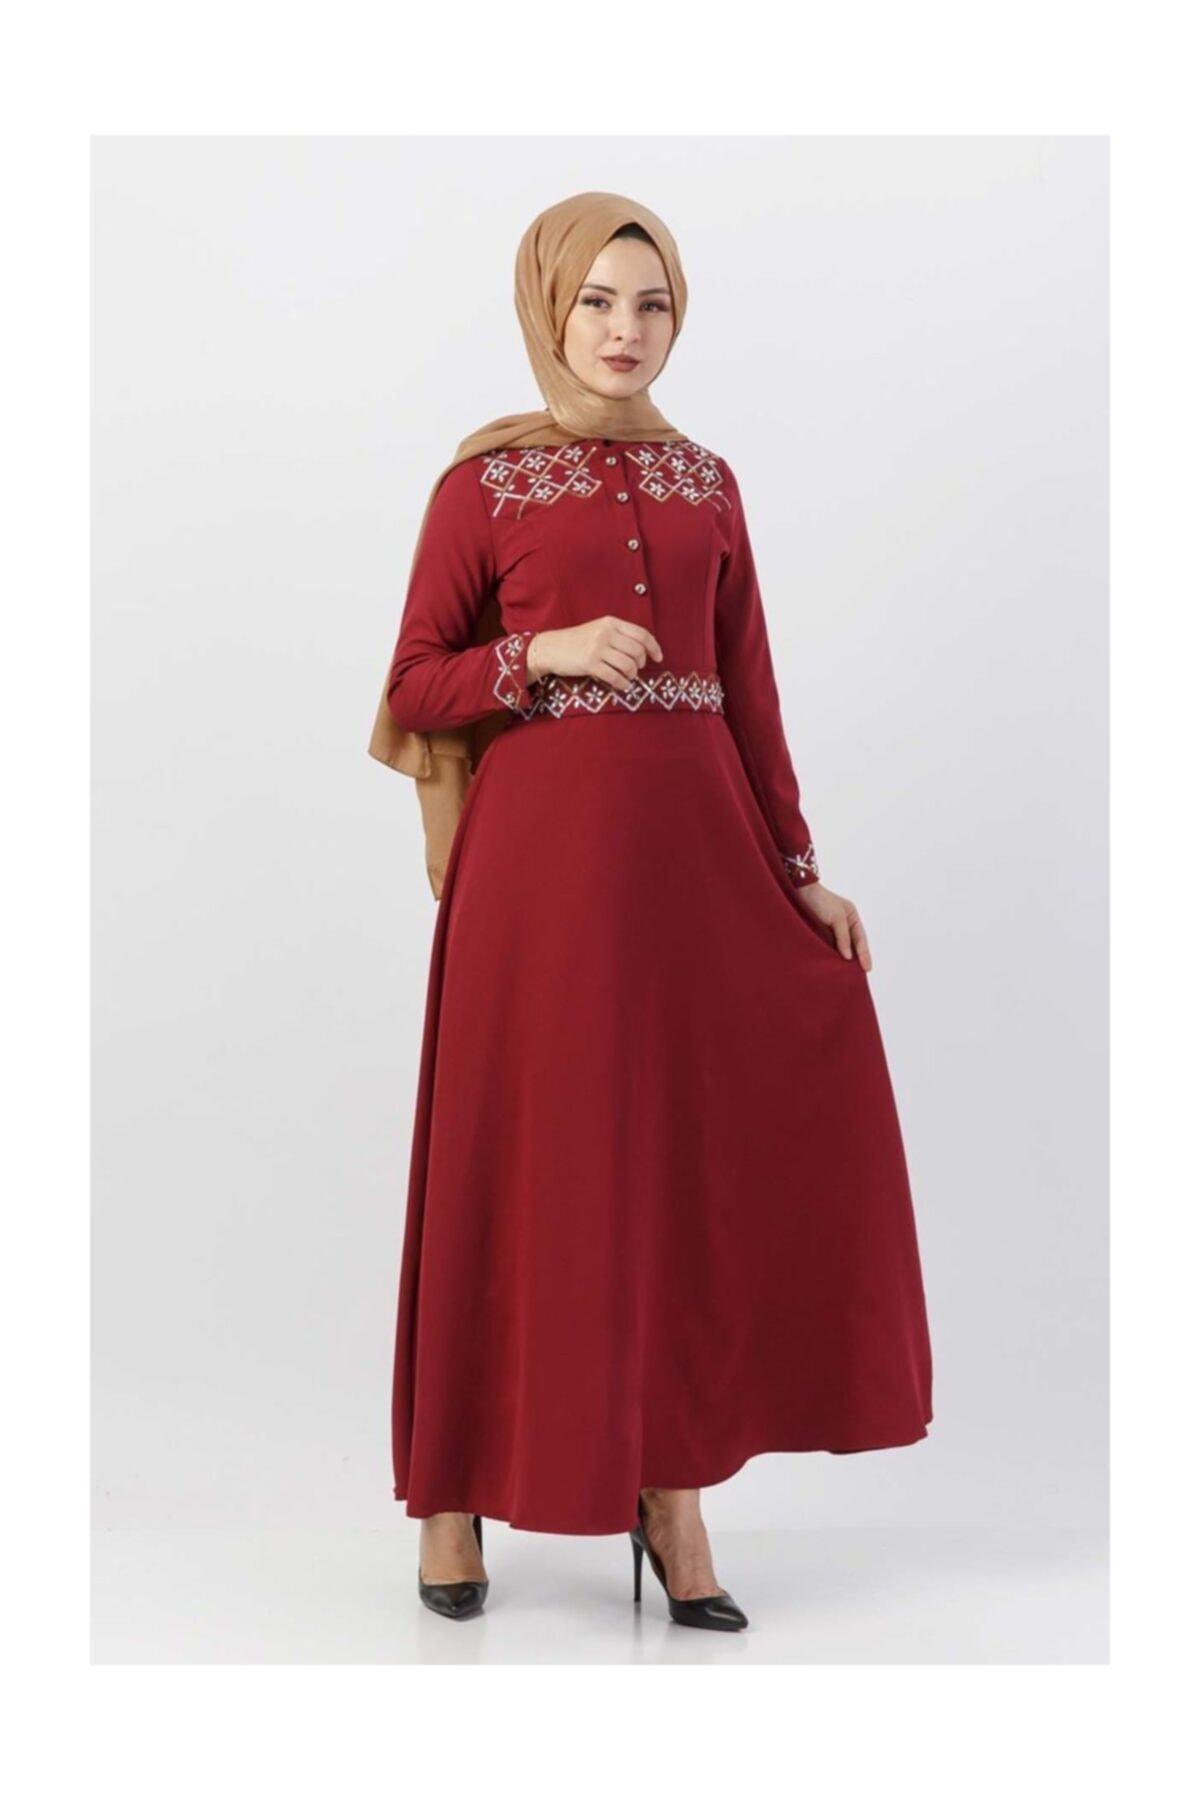 Tesettür Dünyası Pul İşlemeli Elbise Tsd9611 Bordo 1